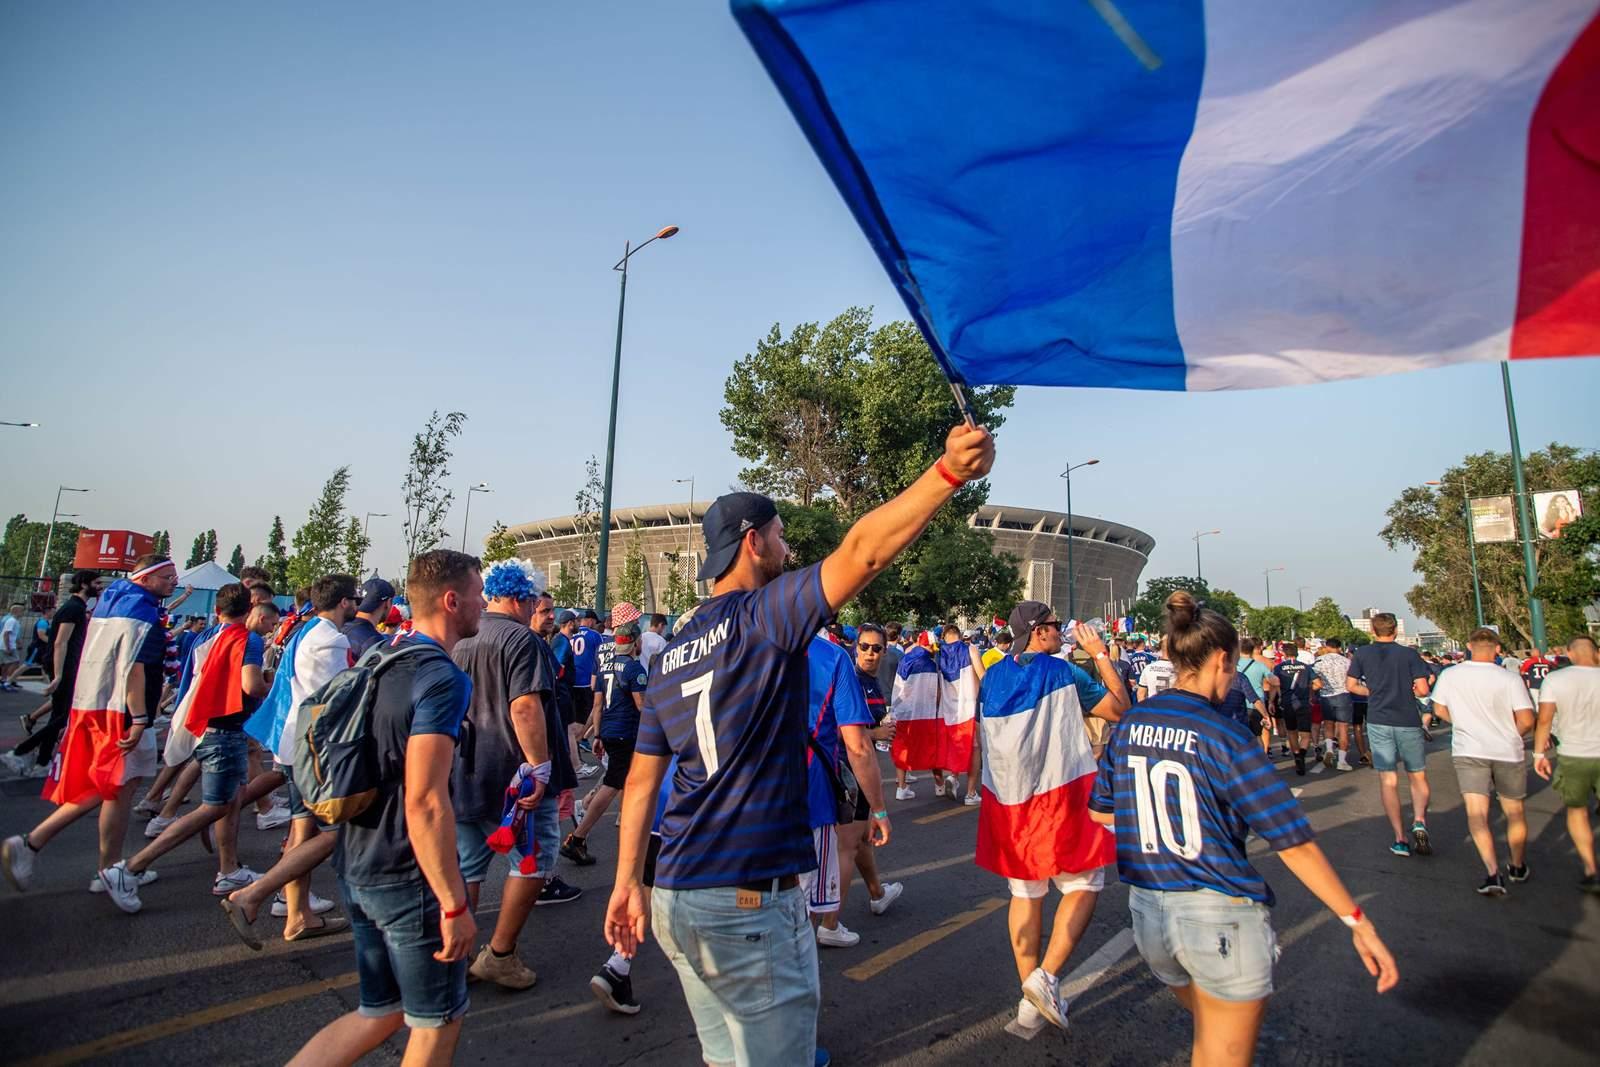 france 2021 budapest euro2020